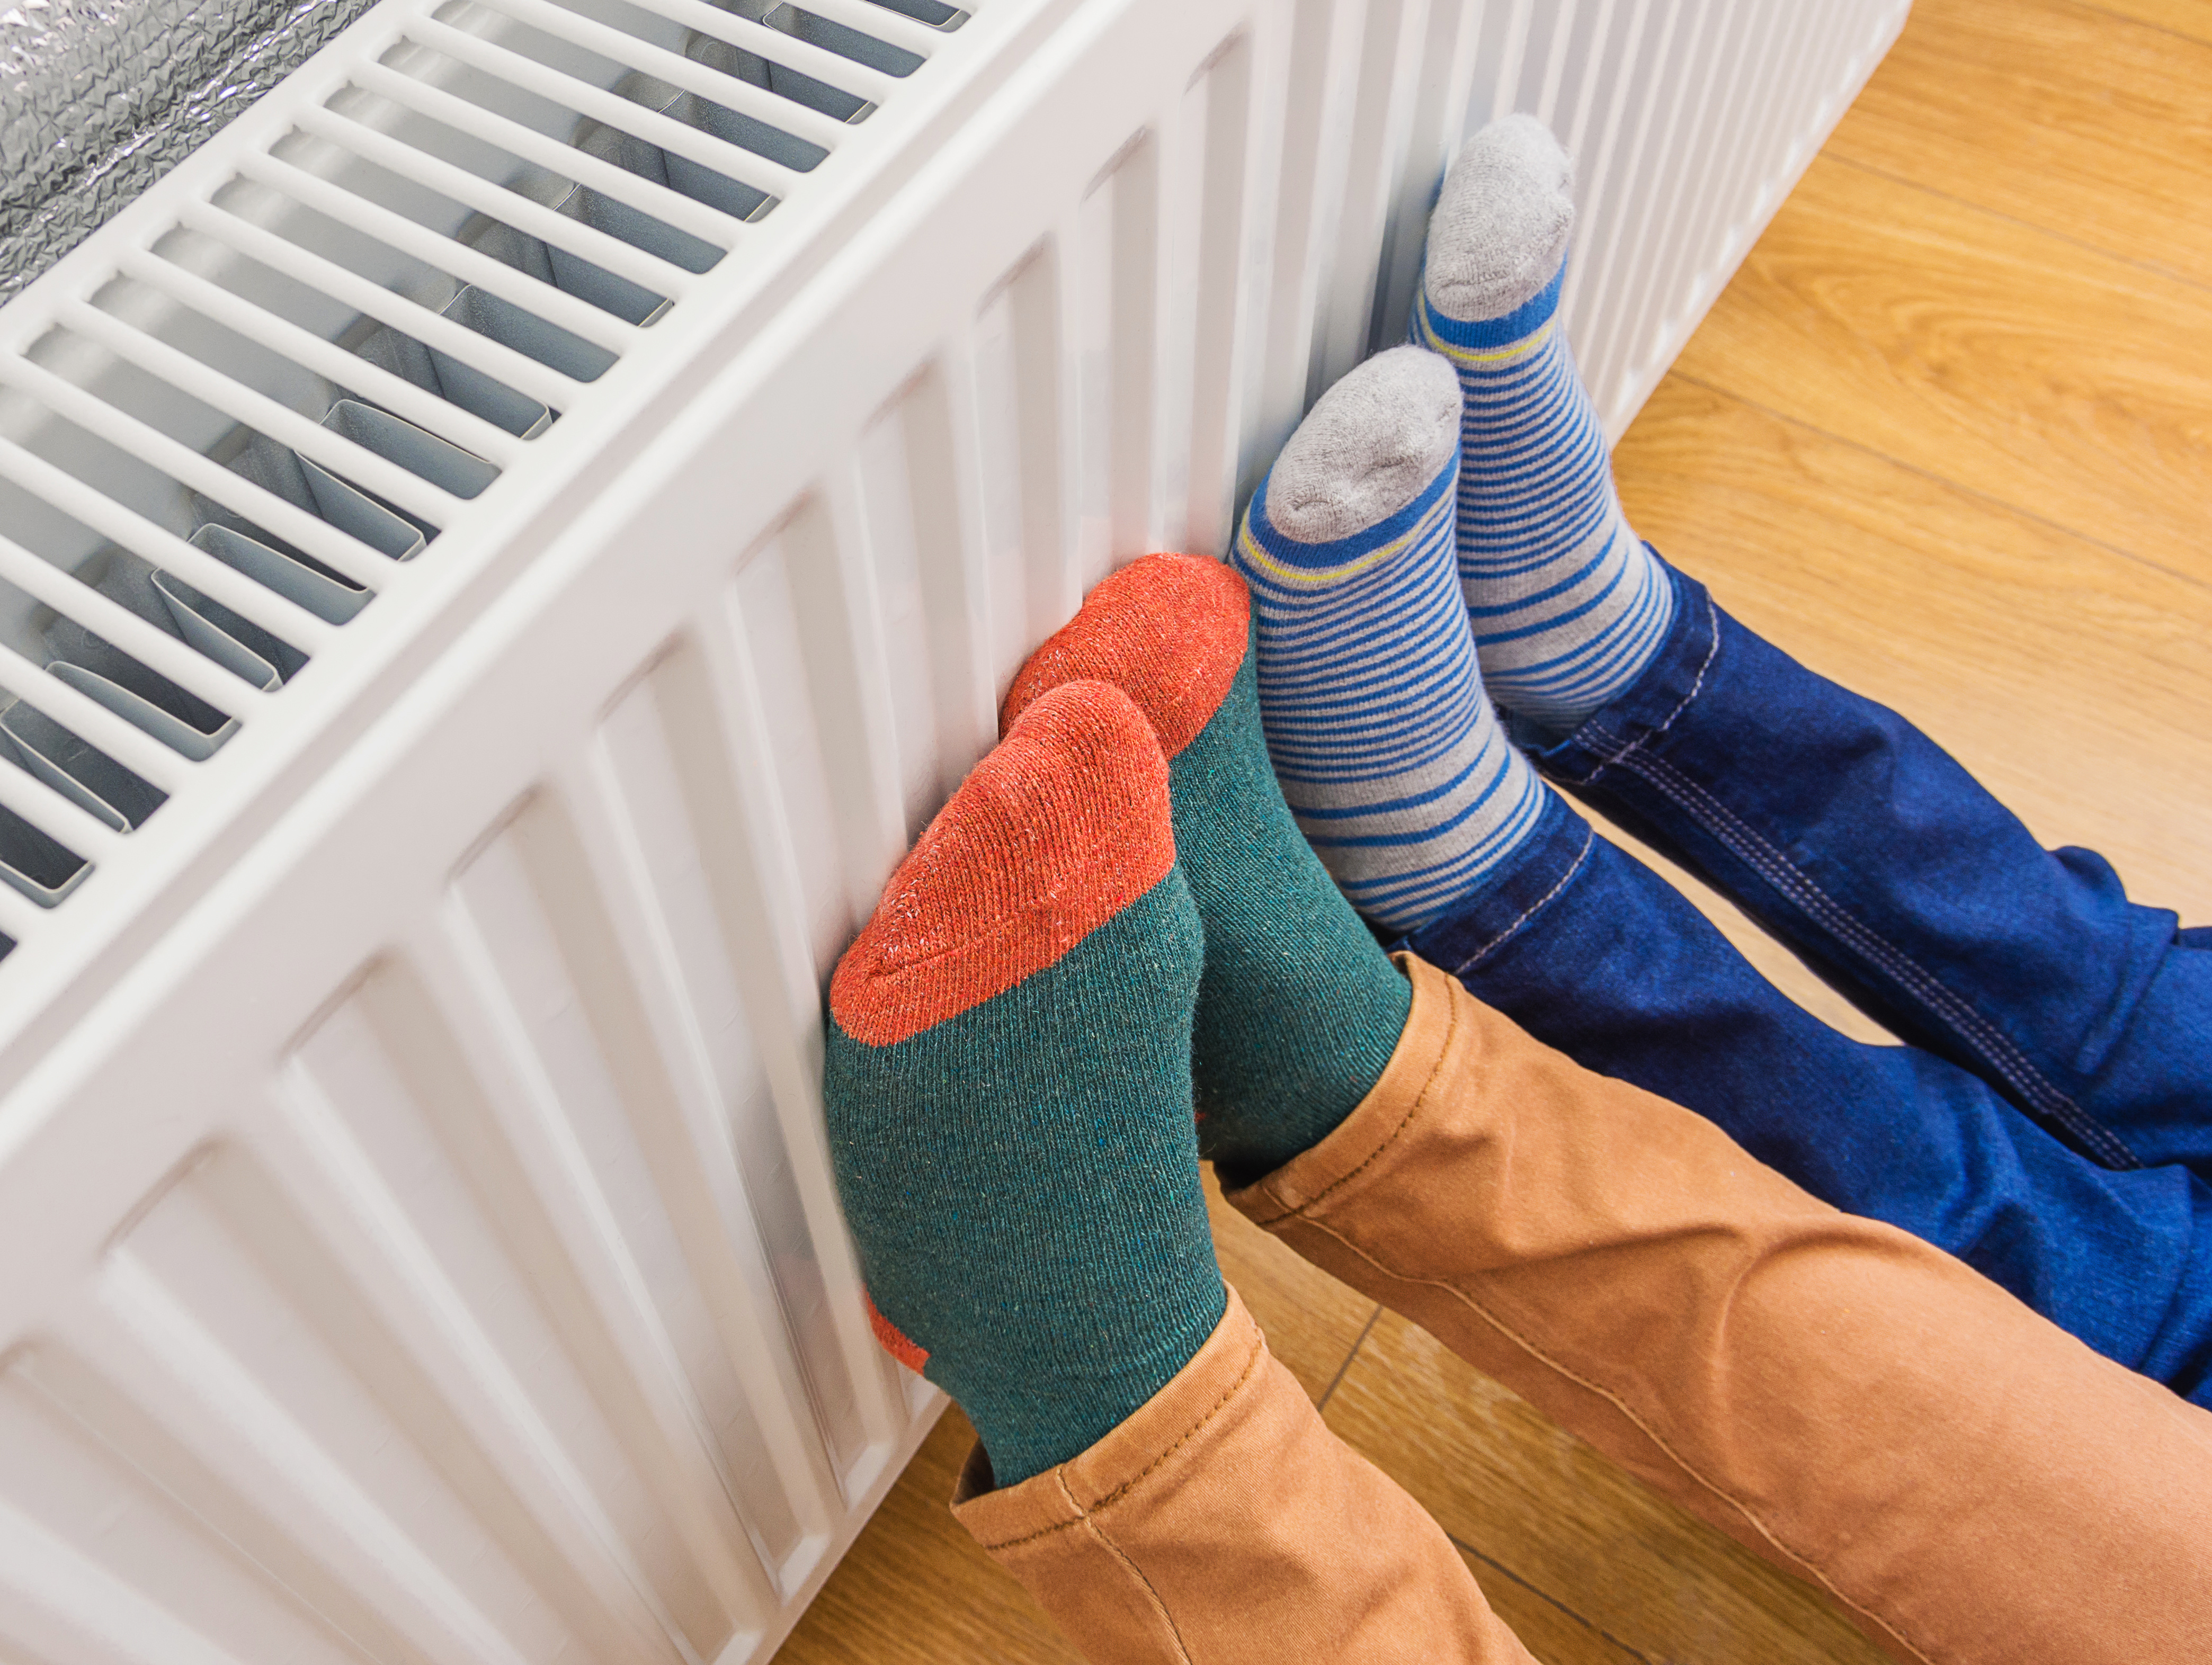 ¿Qué caldera de gasoil ofrece mejor rendimiento?